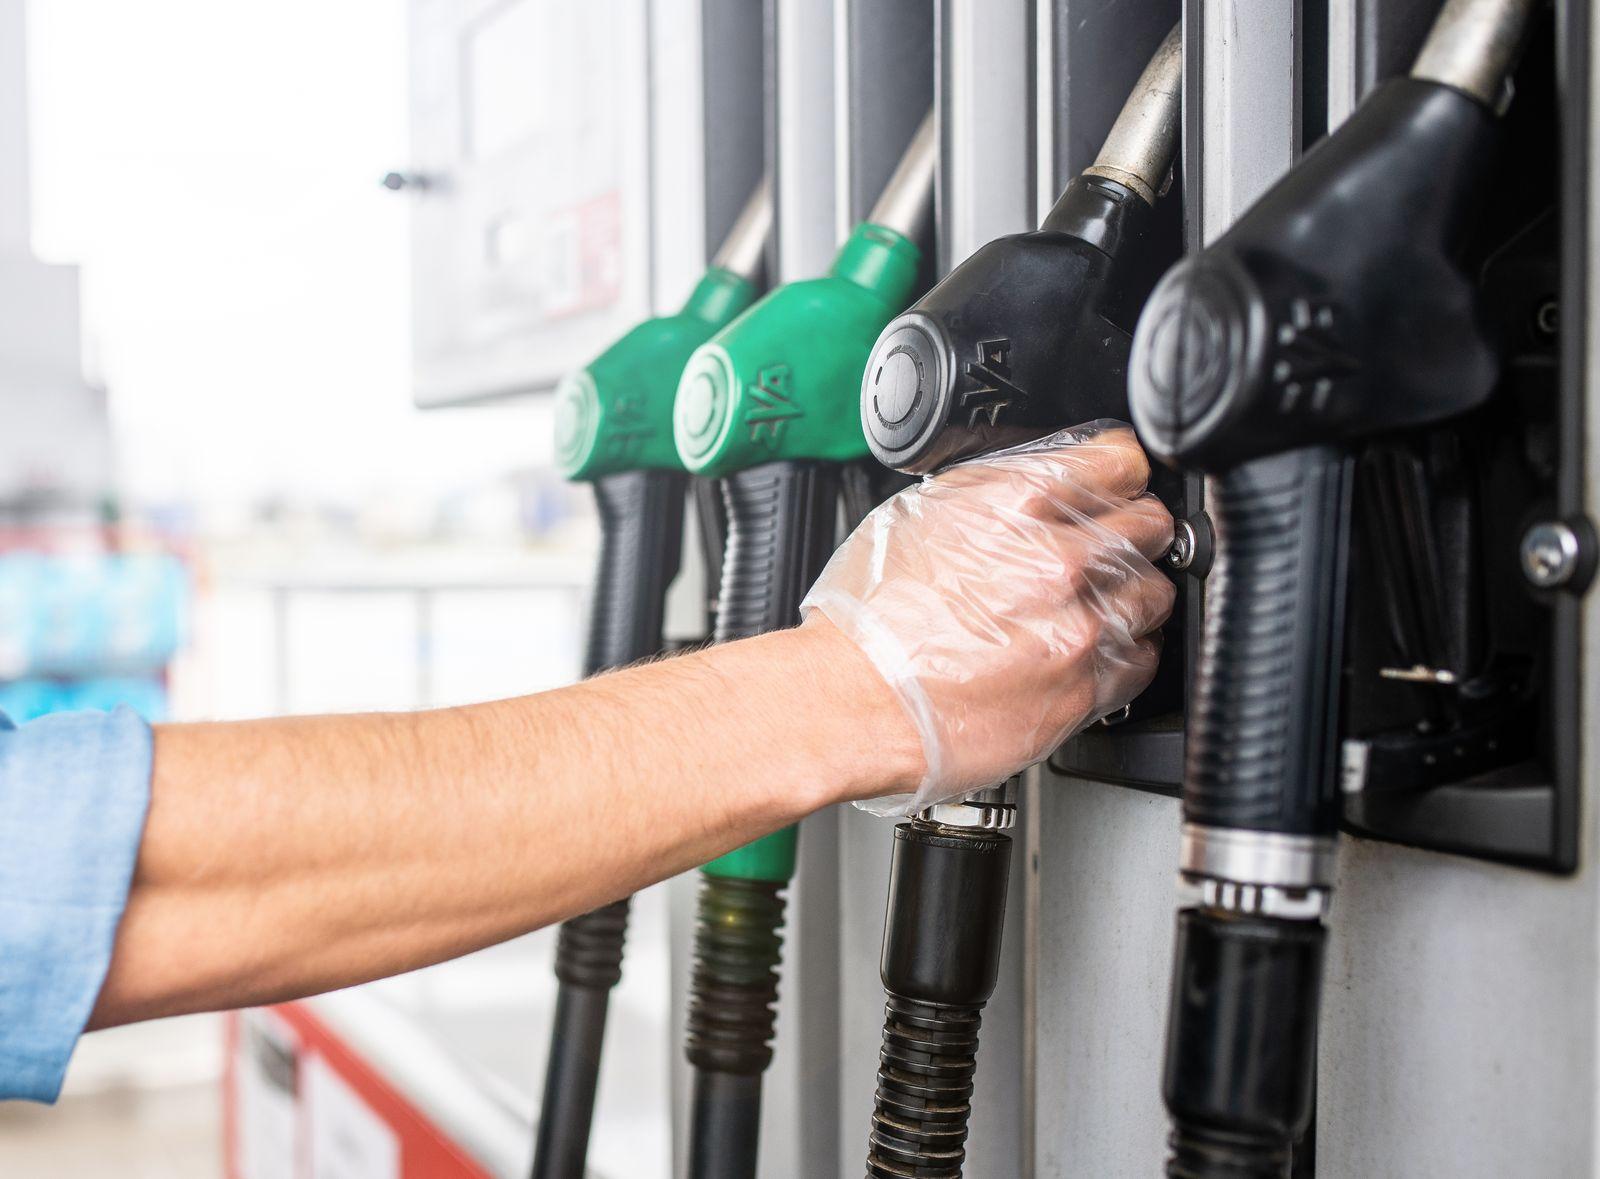 Ceny paliw w Pleszewie. Ile trzeba zapłacić na stacjach za benzynę, olej napędowy i gaz? [RAPORT] - Zdjęcie główne